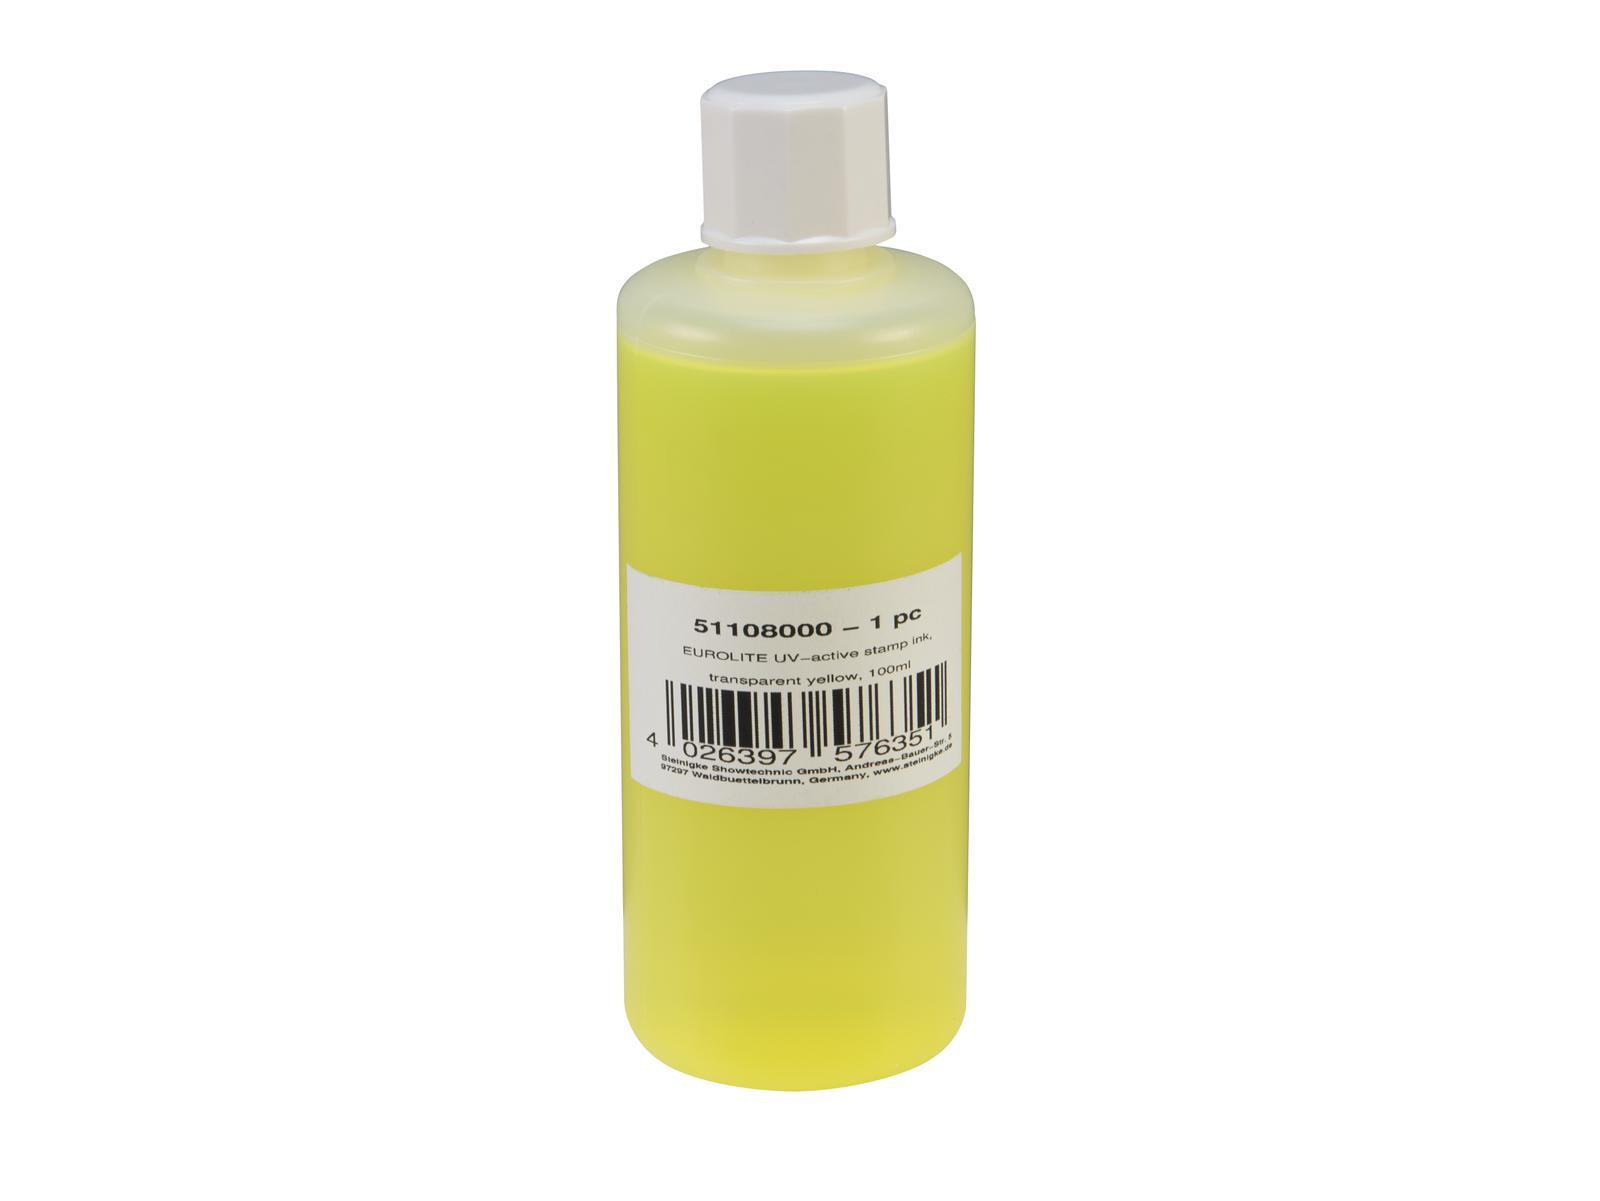 Eurolite UV Stempel væske 100ml Gul